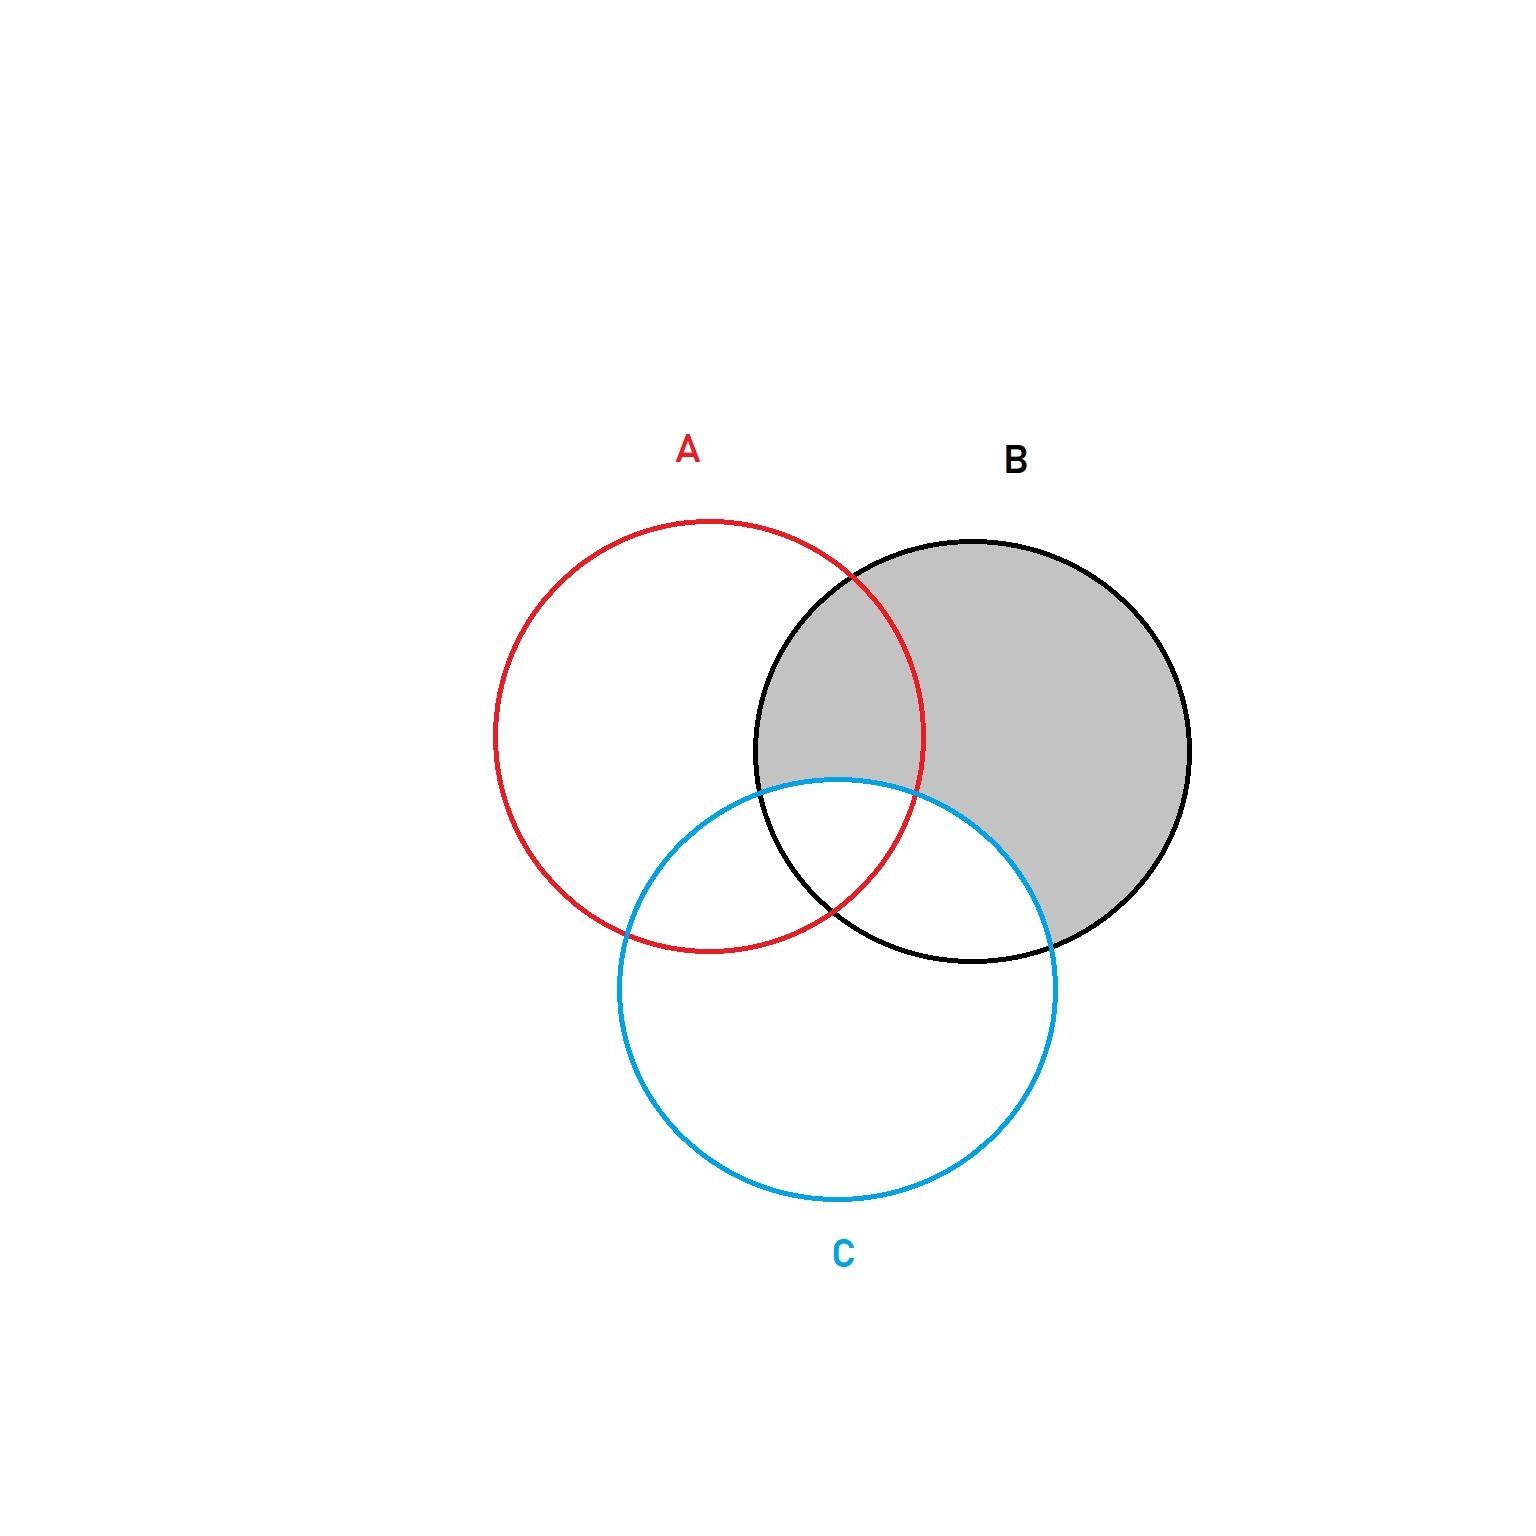 Copie o diagrama ao lado no caderno e hachure os conjuntos fazendo 49 ccuart Image collections